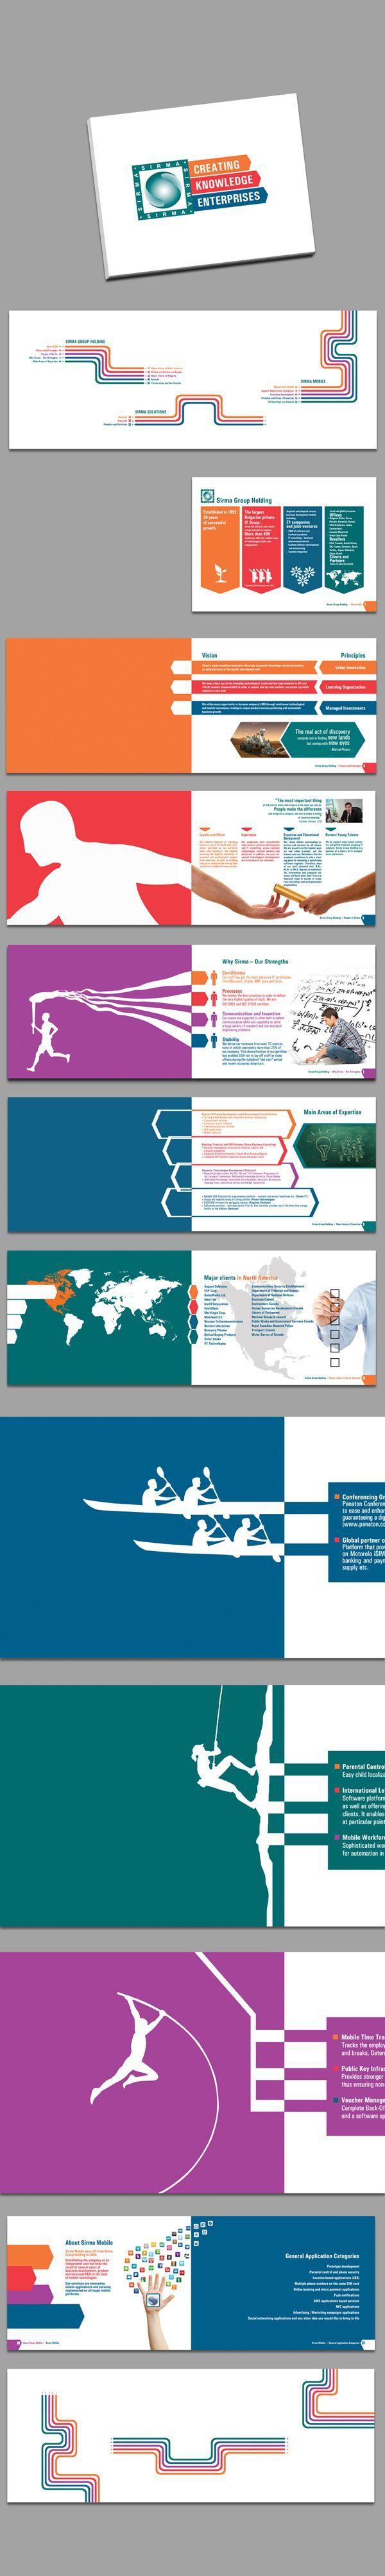 Print Templates - Retro Trifold | GraphicRiver